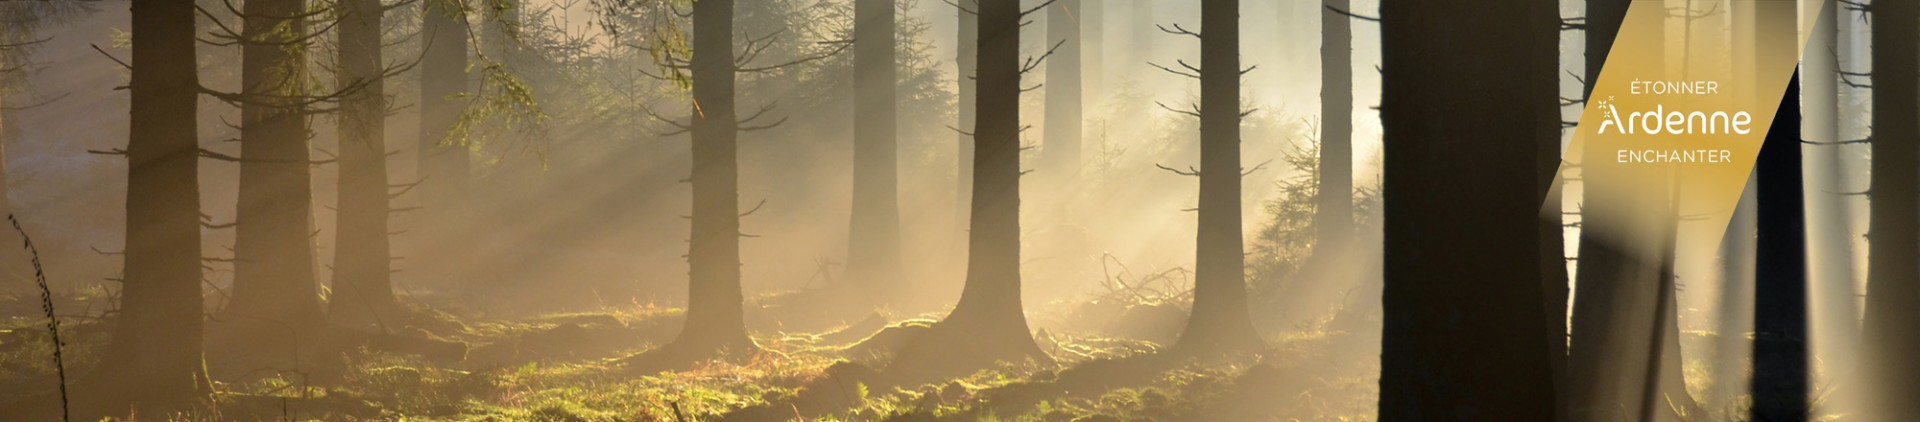 Destination Ardennen